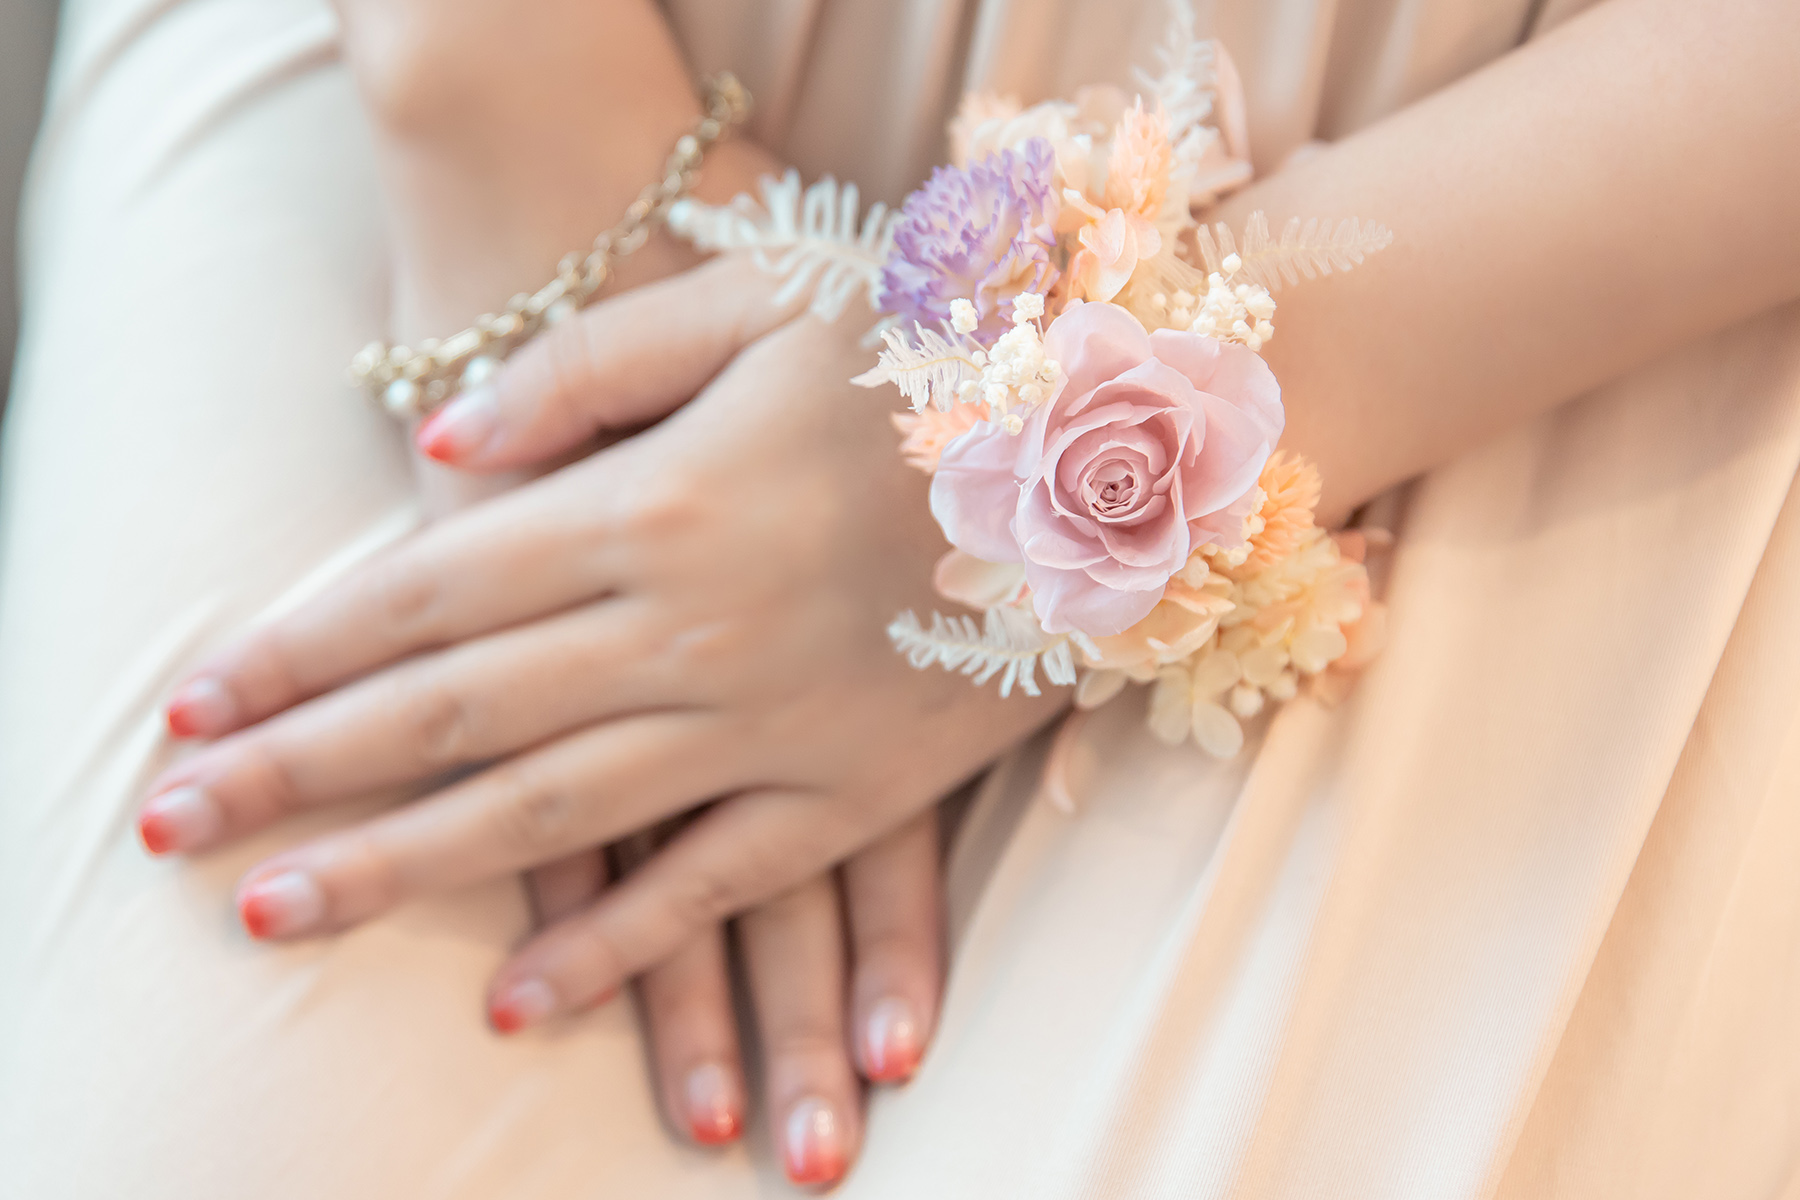 新秘Yuki,新娘手腕花,鮮花新秘,不凋花飾品,不凋花手腕花,永生花花手腕花,高雄不凋花